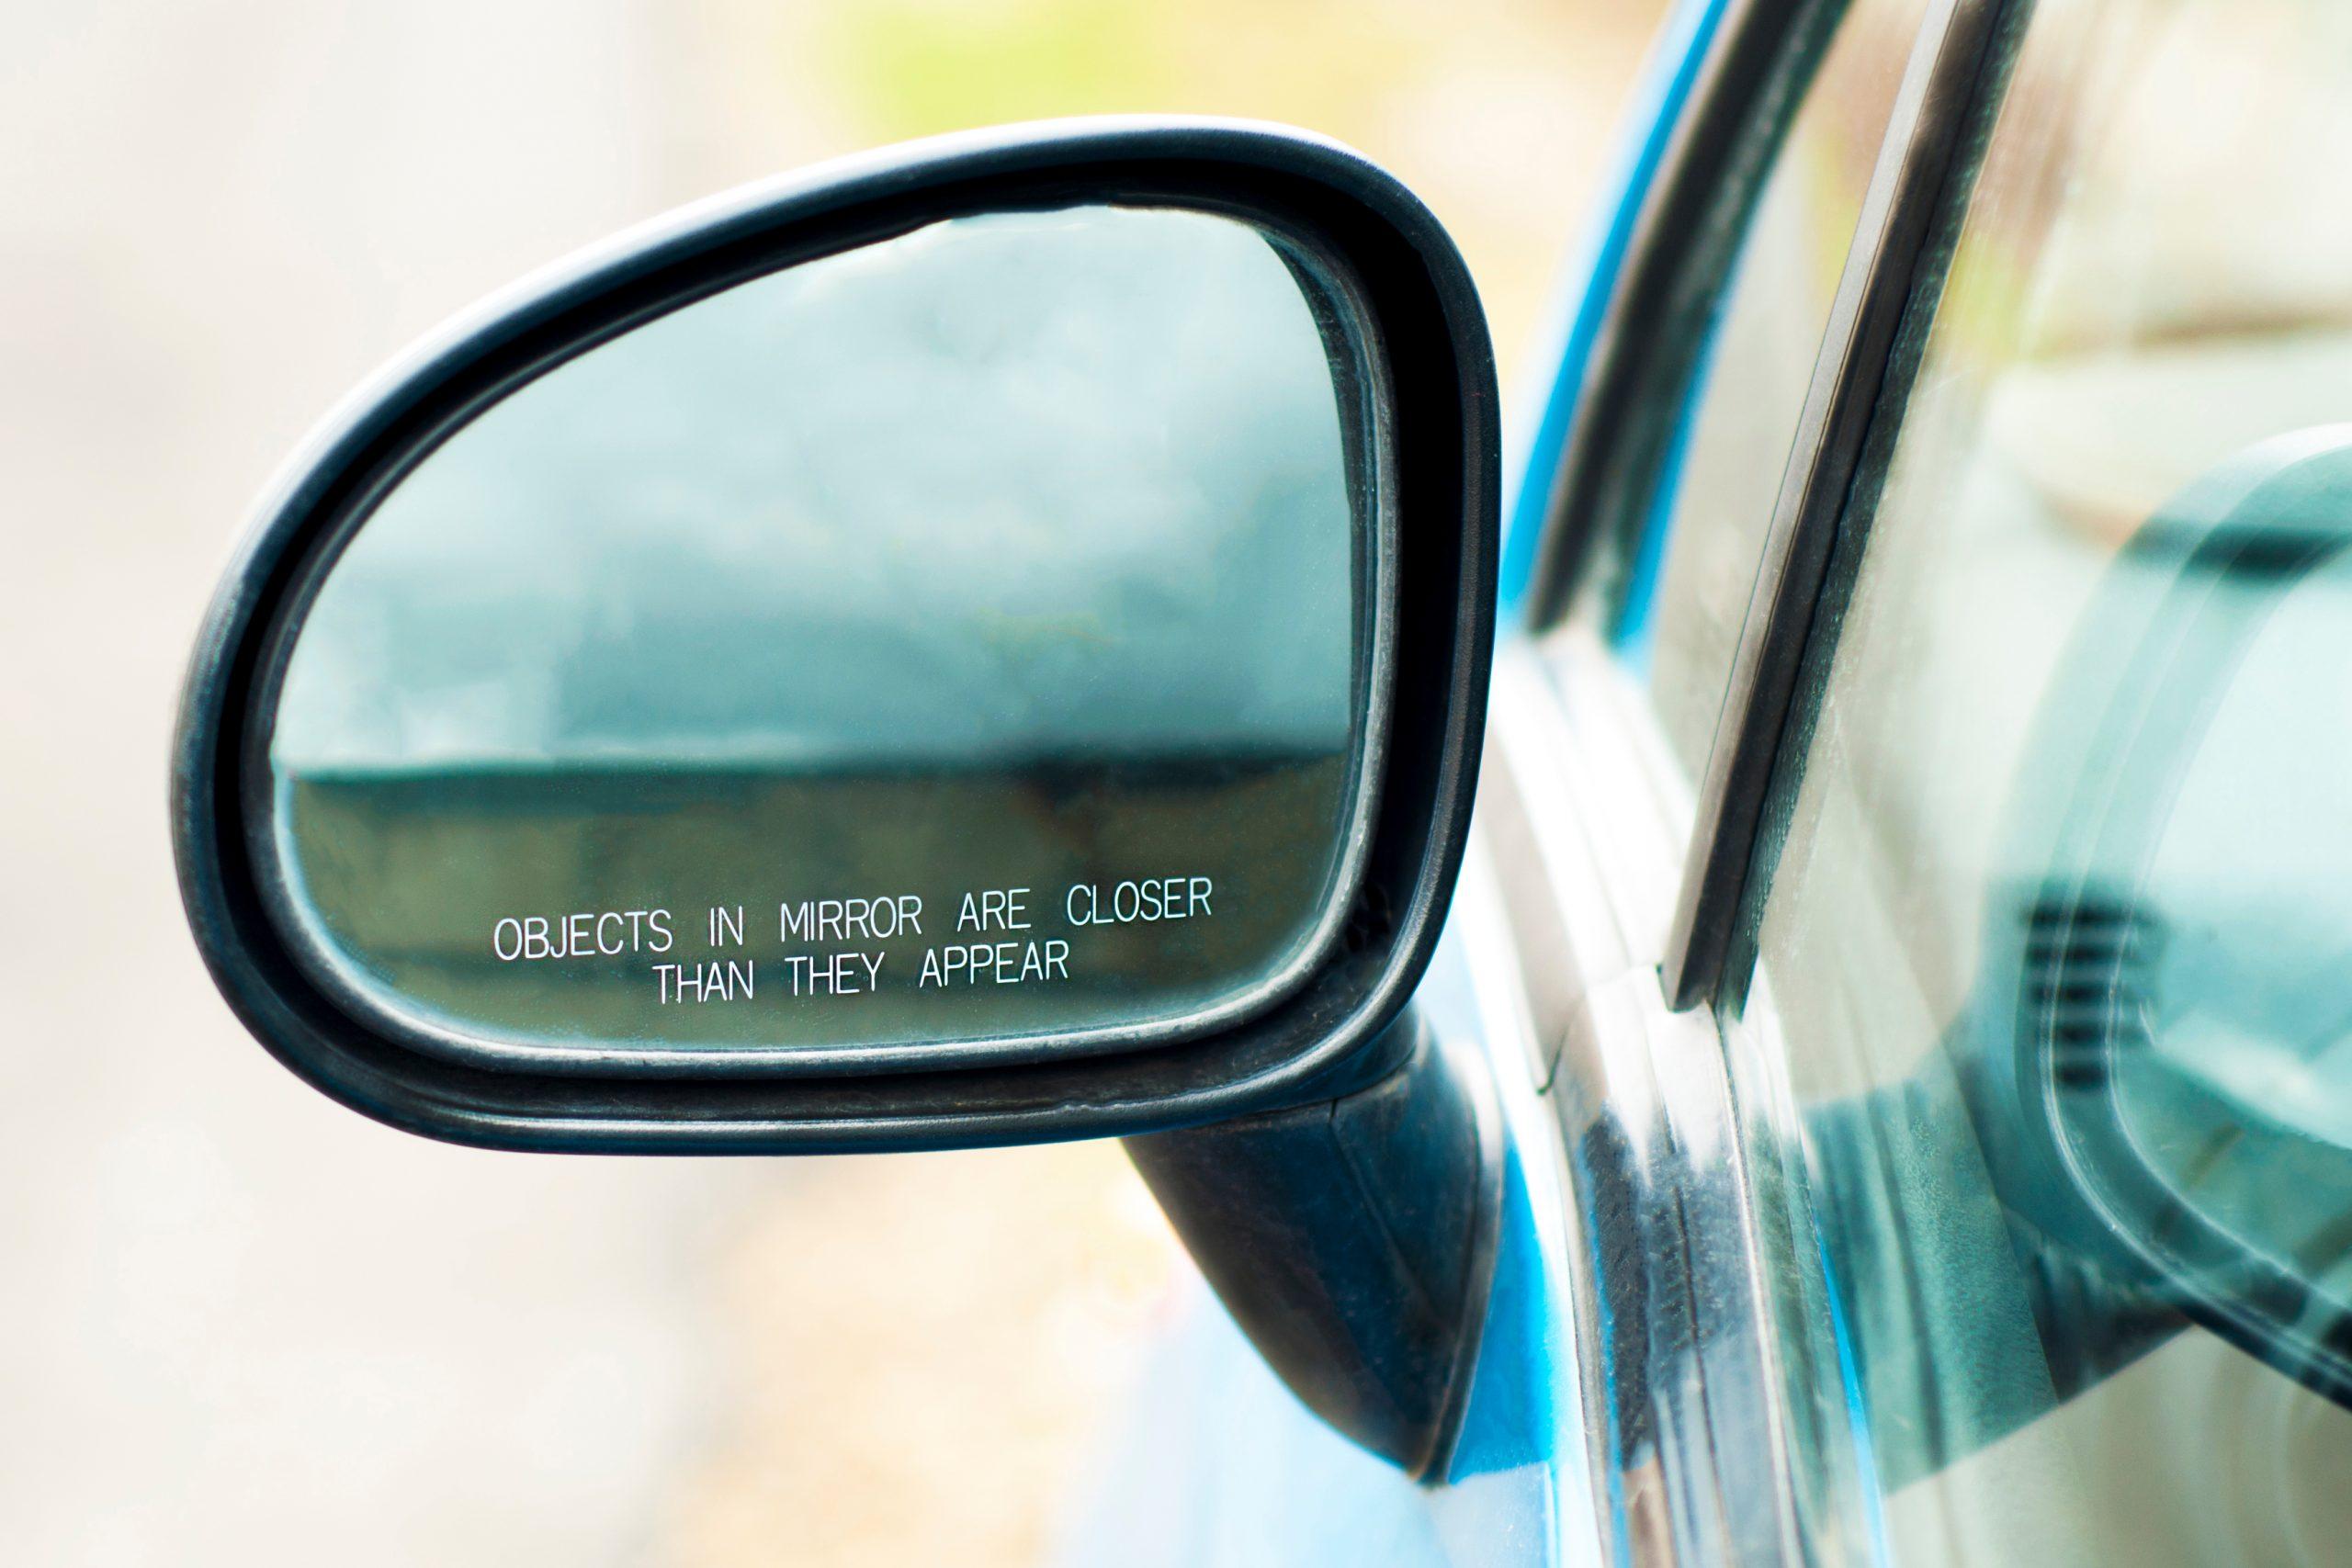 driverside mirror